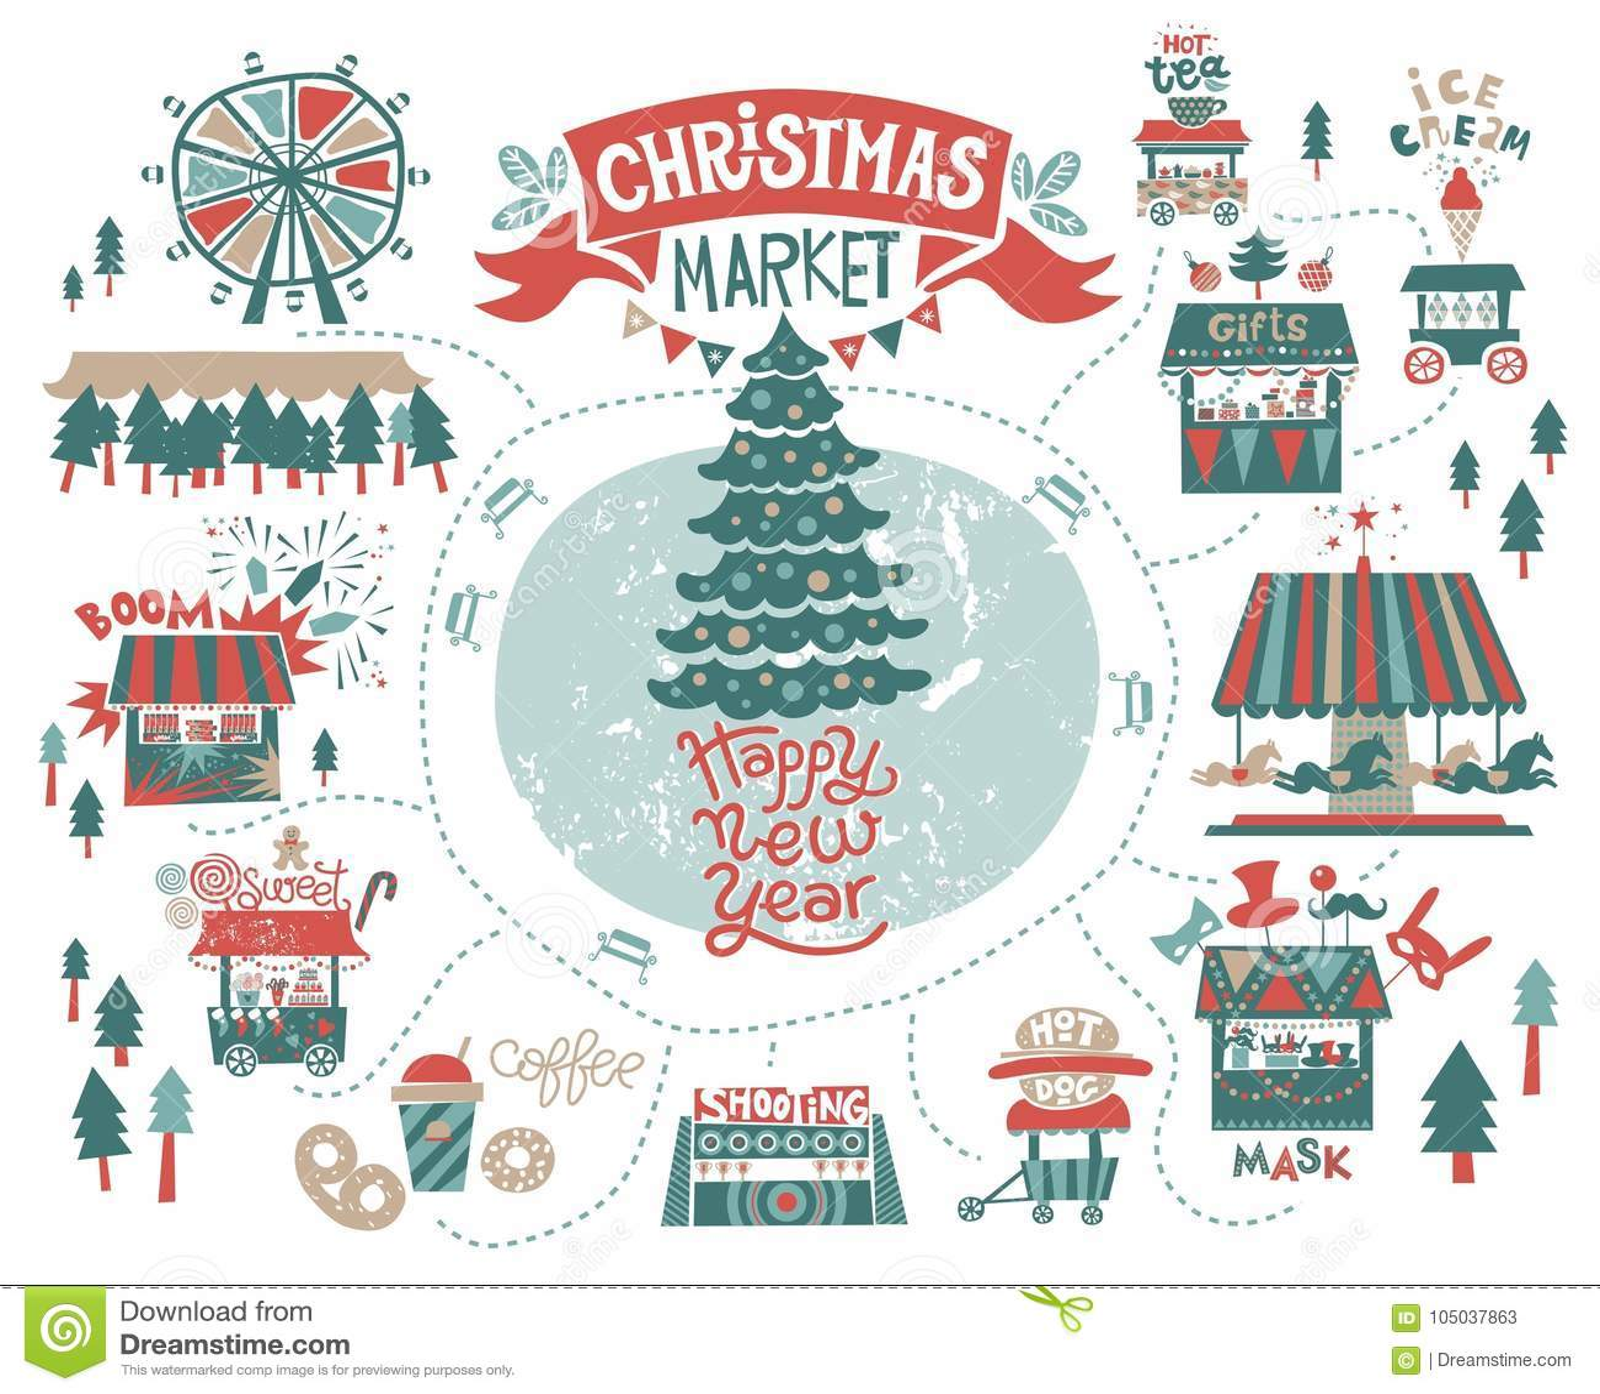 Christmas market poster stock illustration. Illustration of festival ...